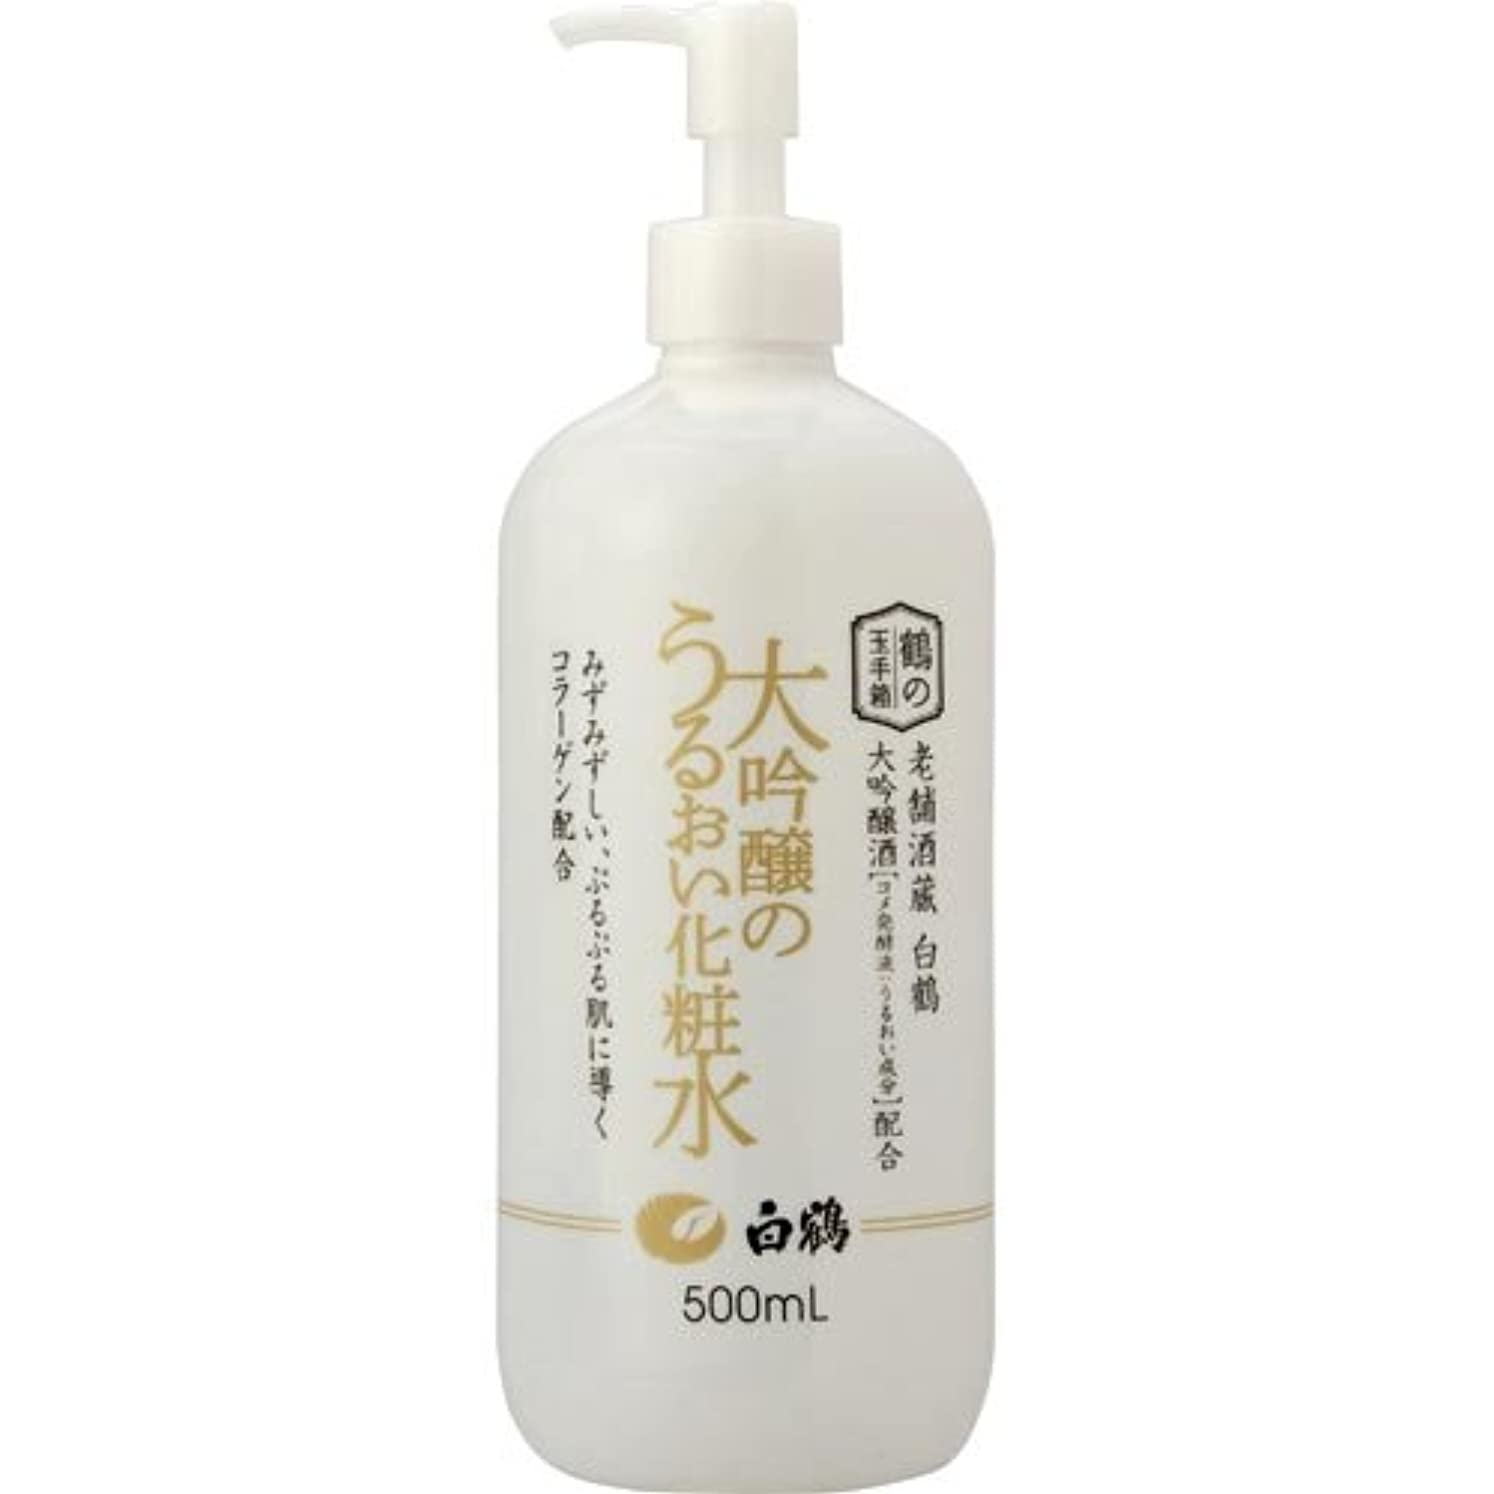 白鶴 鶴の玉手箱 薬用 大吟醸のうるおい化粧水 500ml